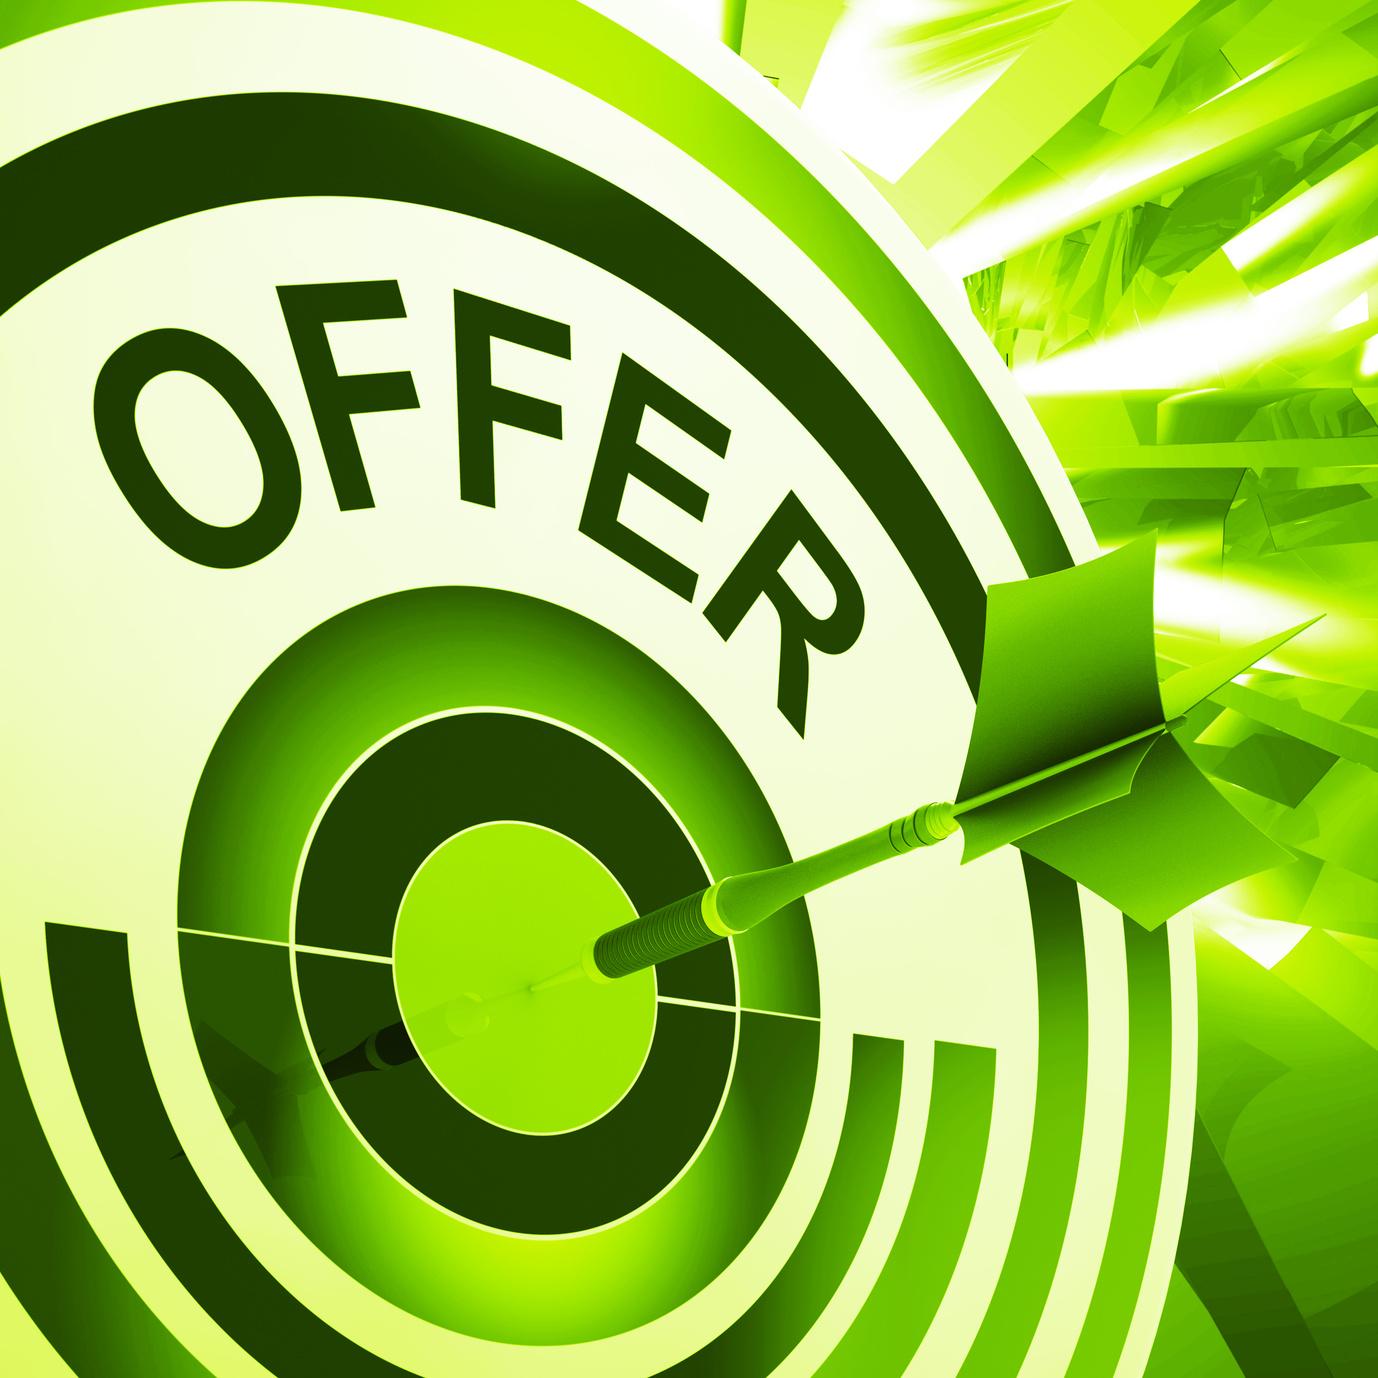 offer_target_offering